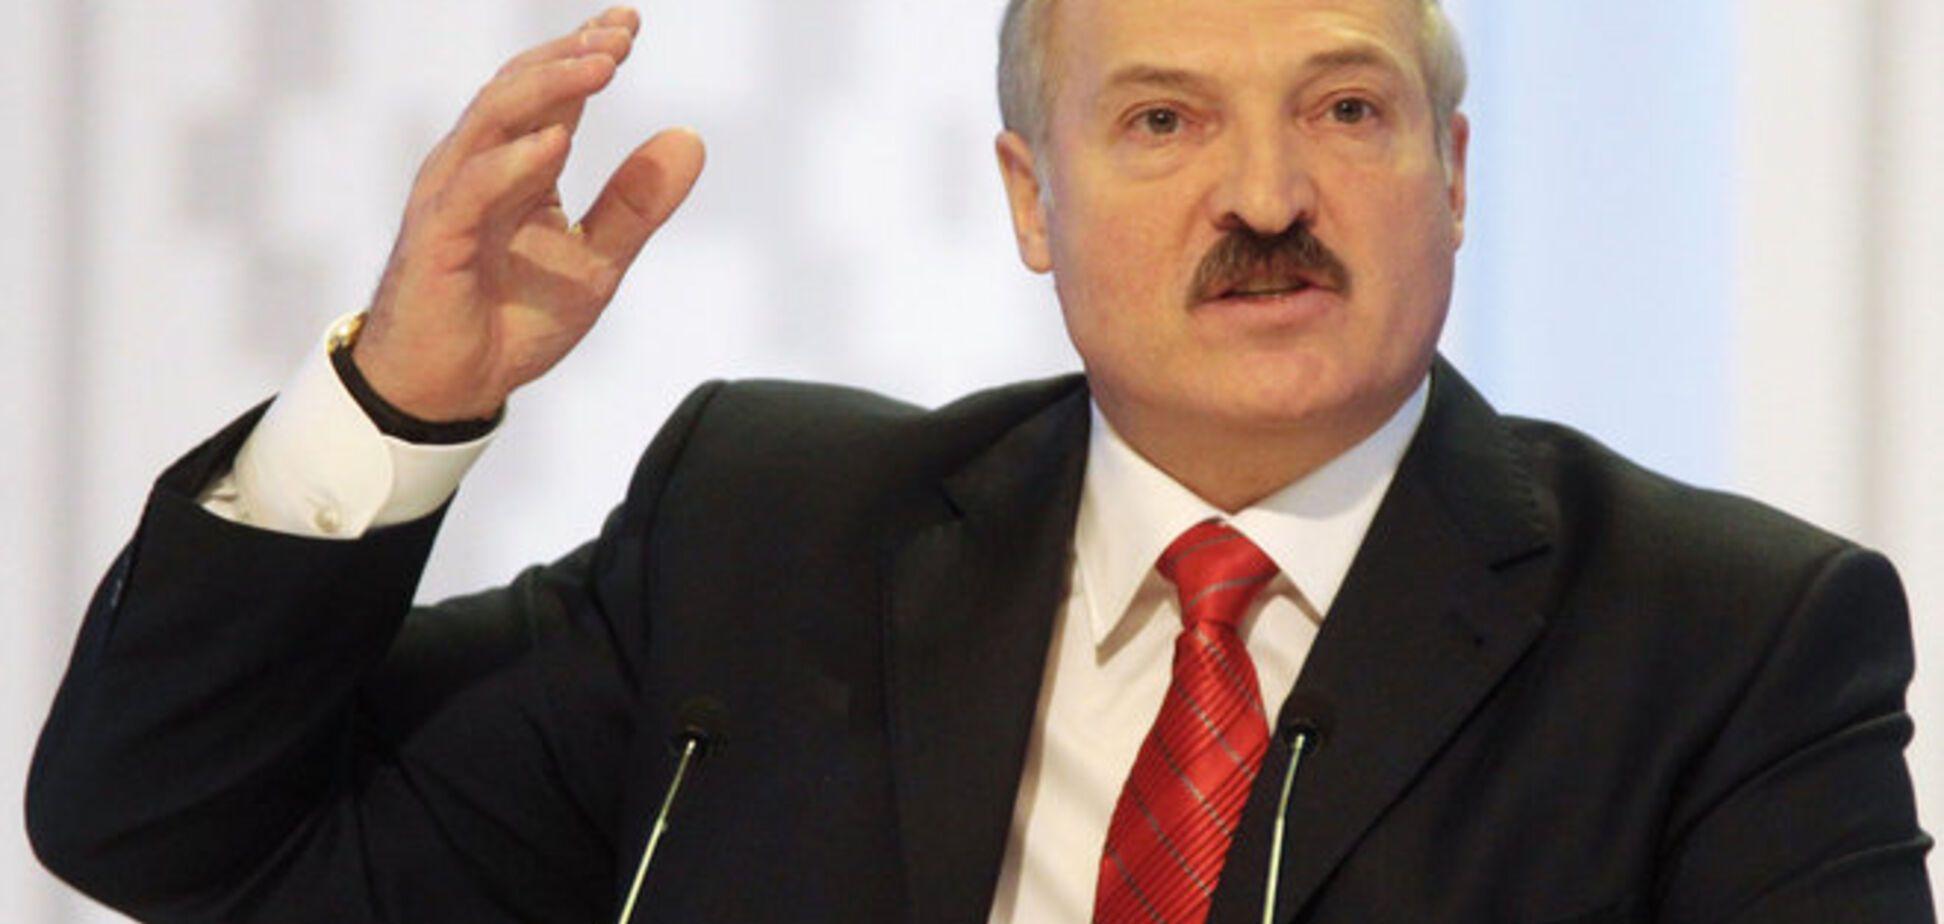 Лукашенко: Білорусь не буде діяти на шкоду братній Росії